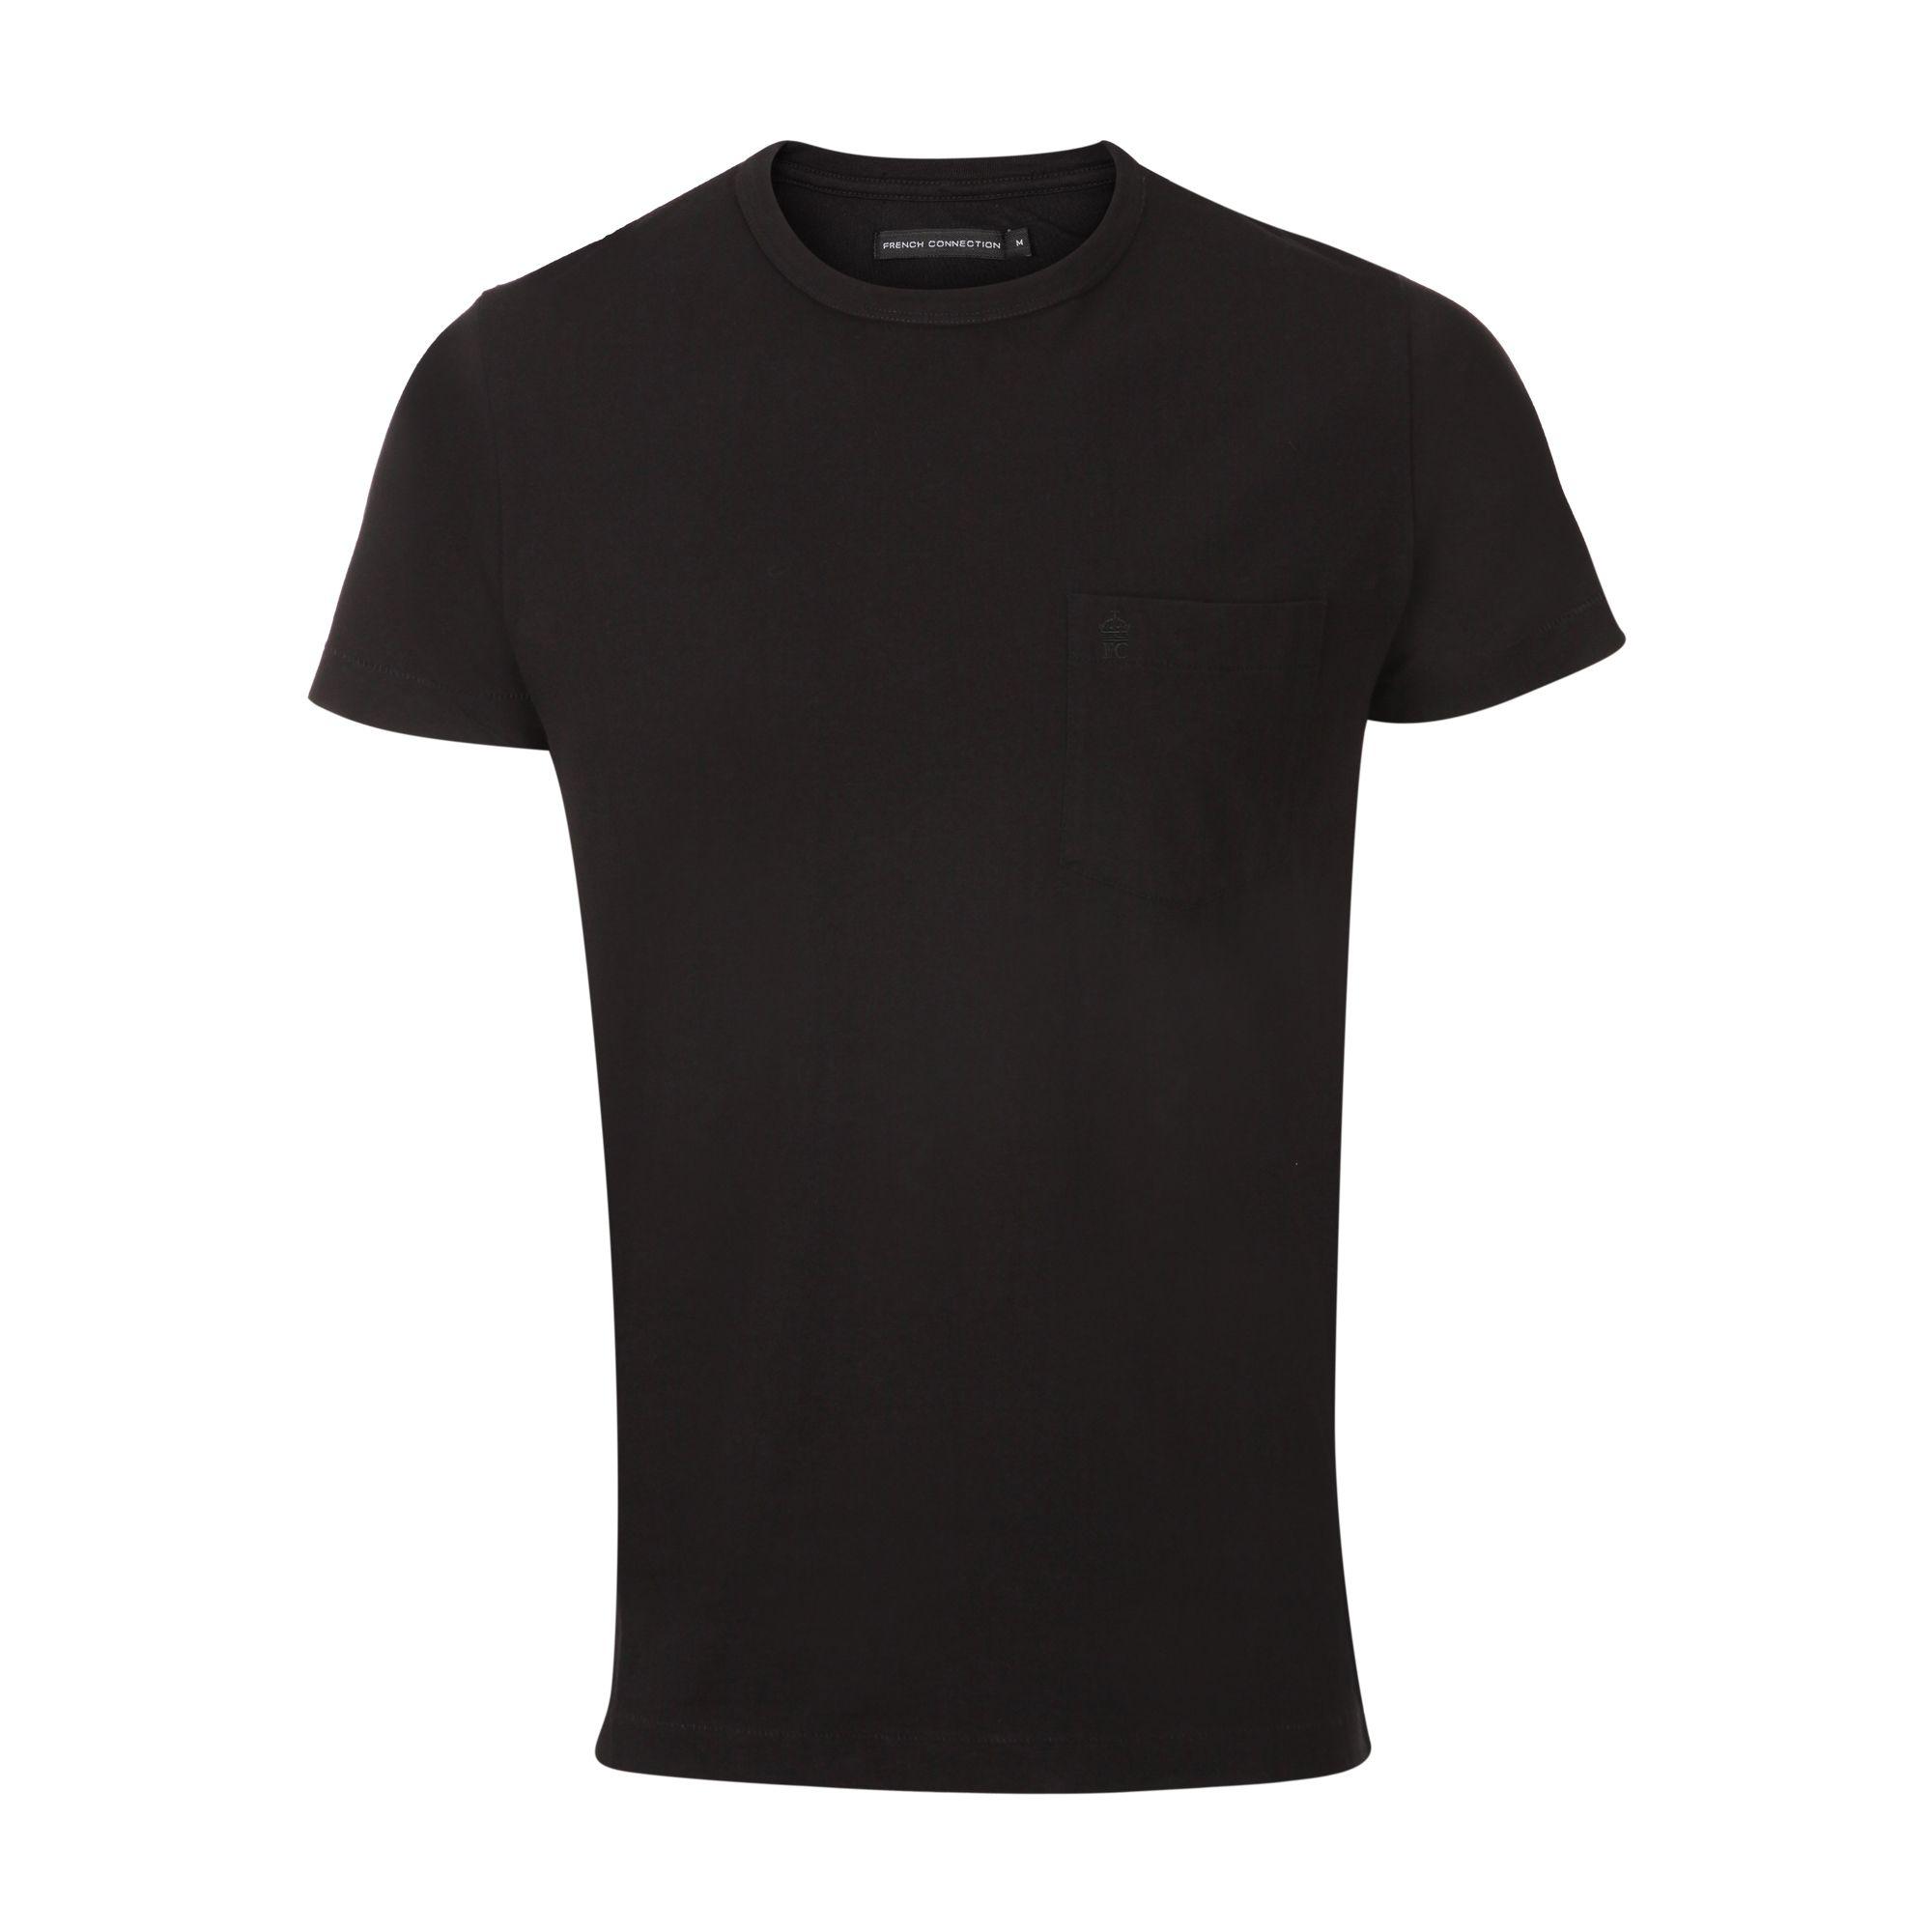 Plain Black T Shirt Clipart Best